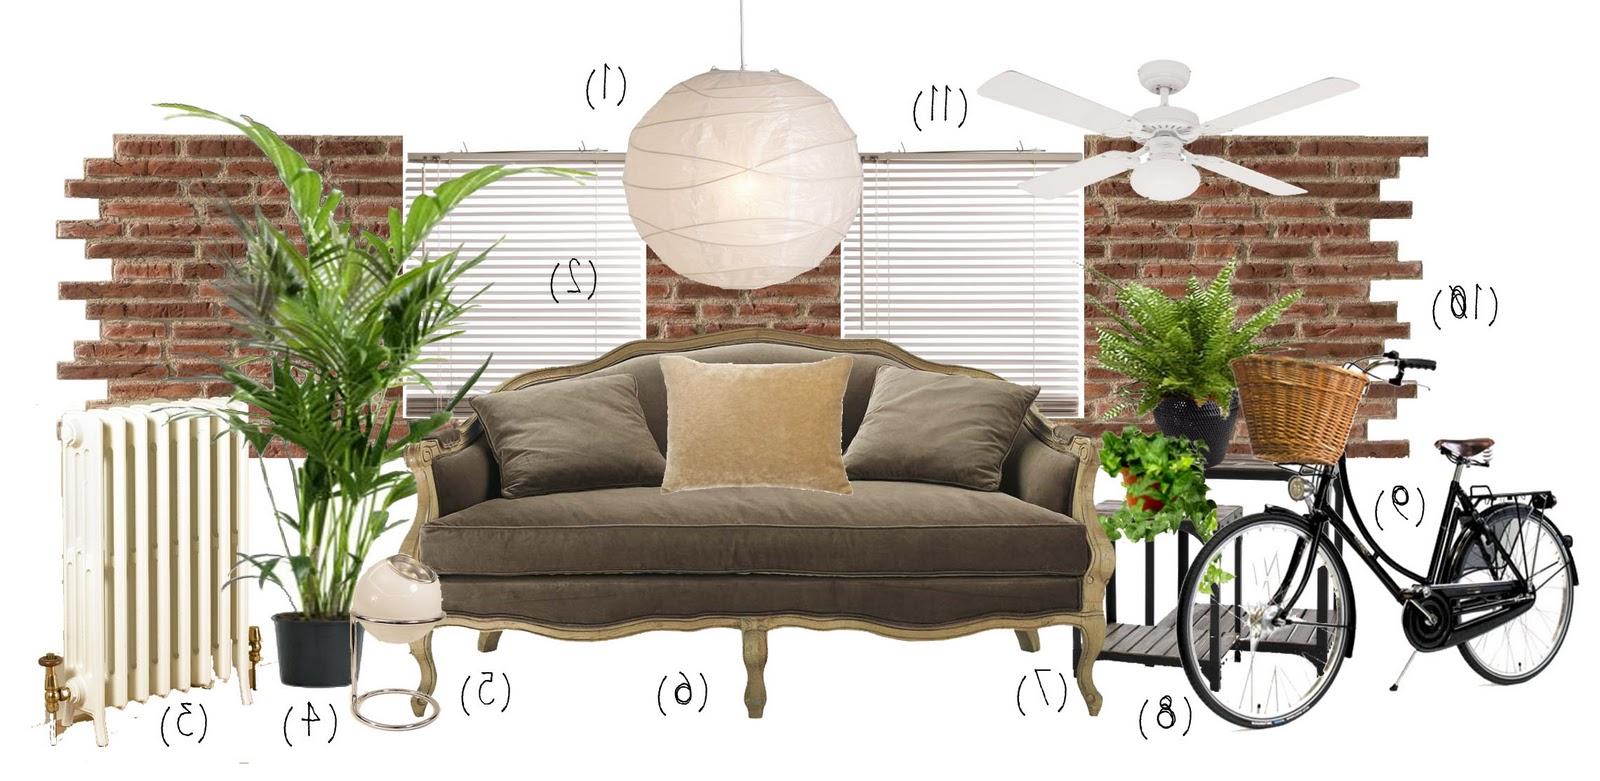 Sofas Coruña E6d5 the Style Casa Indiana Traviesa Diseà O Libre